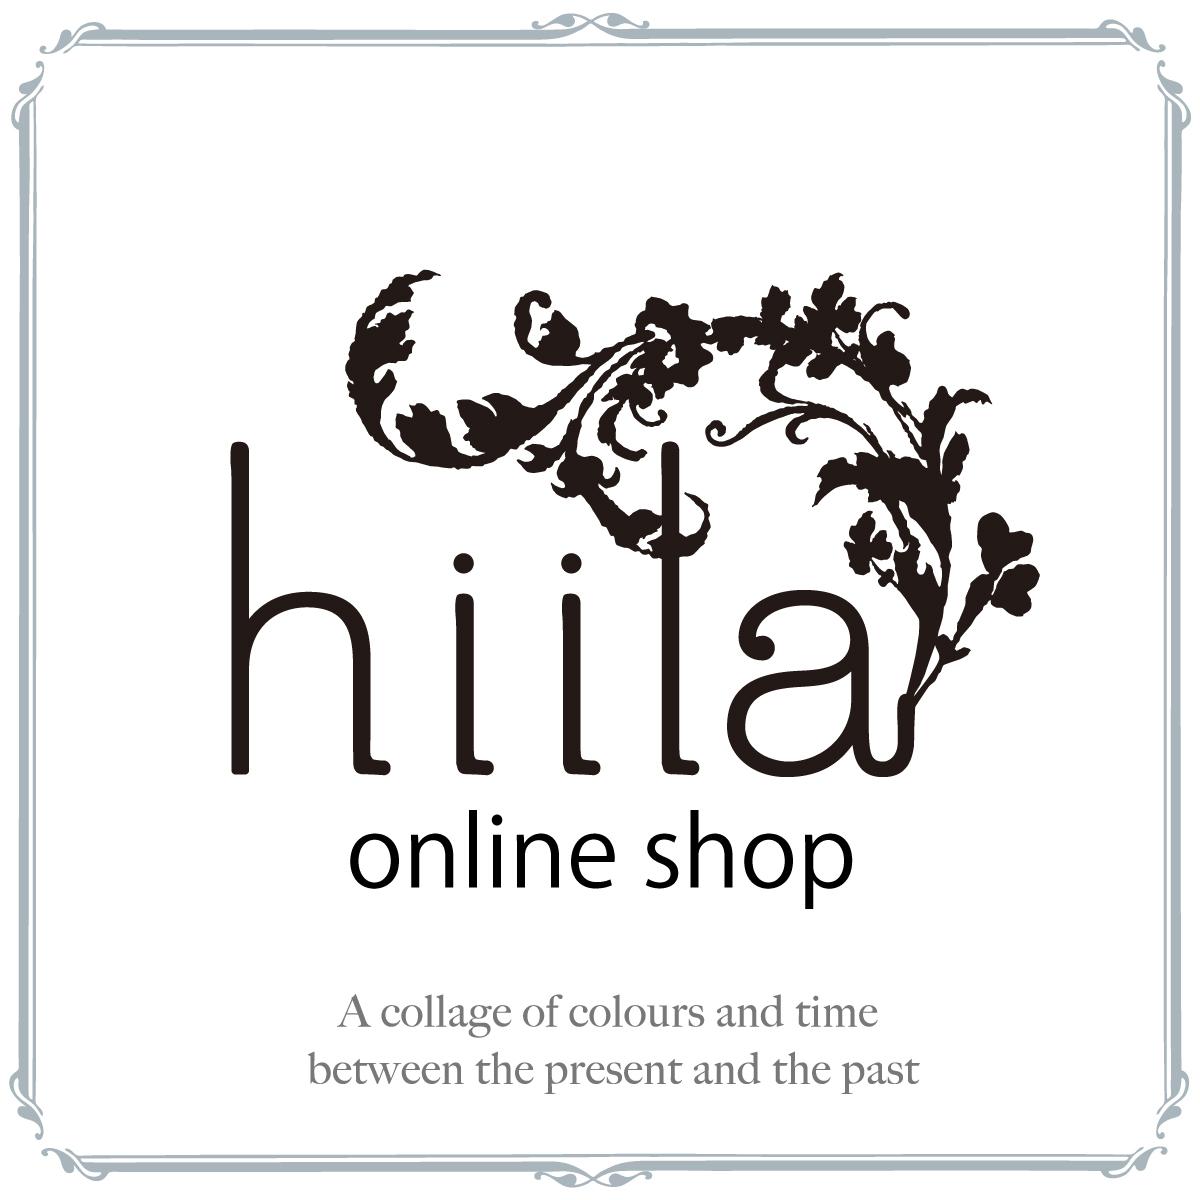 hiila online shop